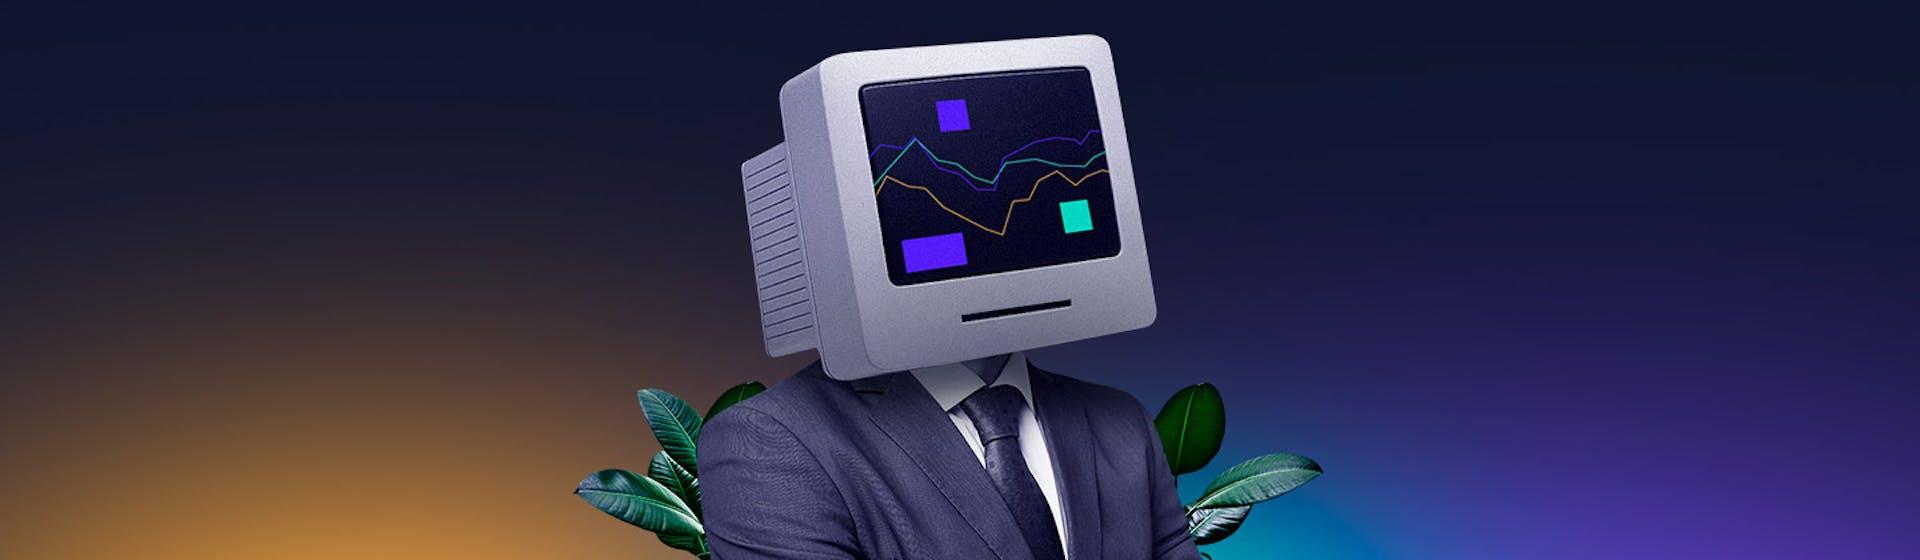 Descubre cómo implementar el machine learning en el sector bancario con estas 4 claves